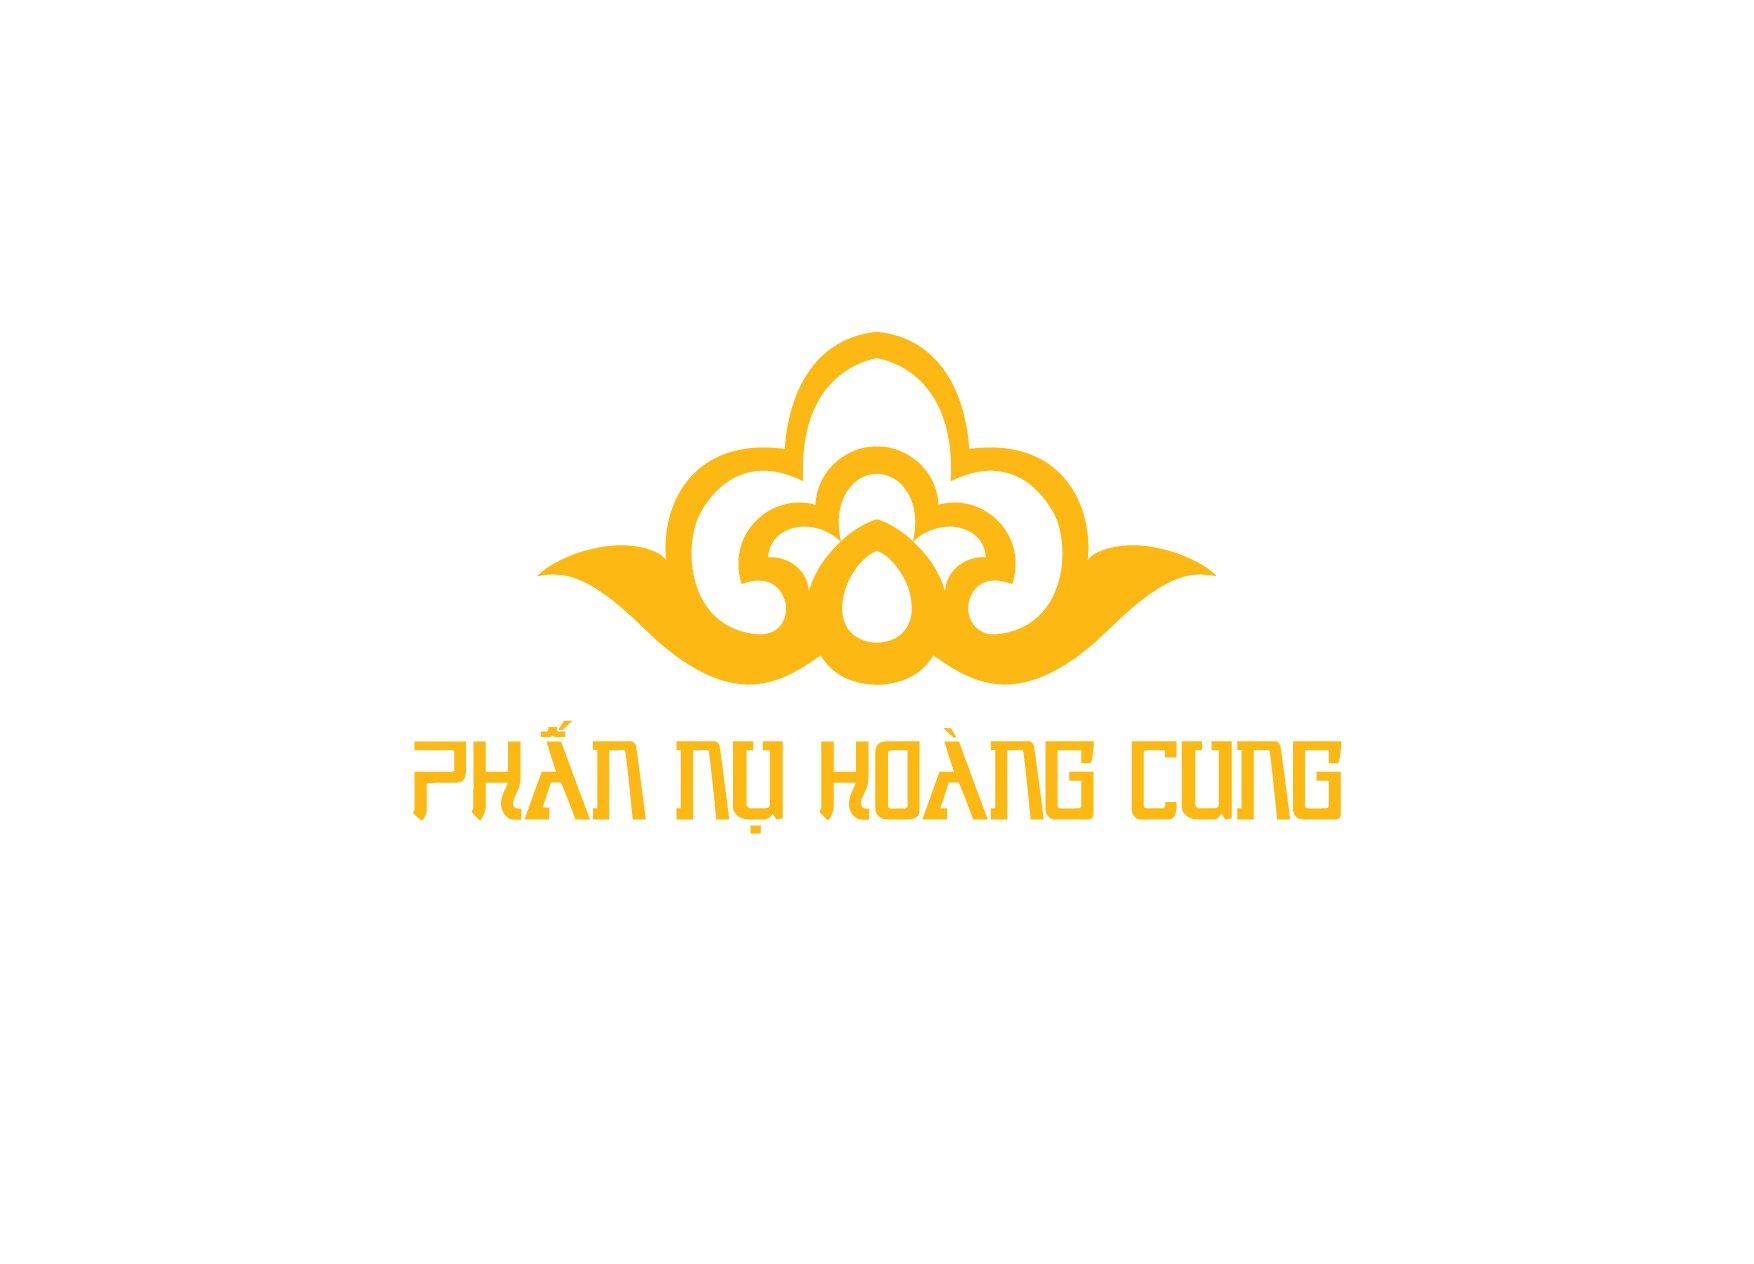 Công ty TNHH Mỹ Phẩm Hoàng Cung